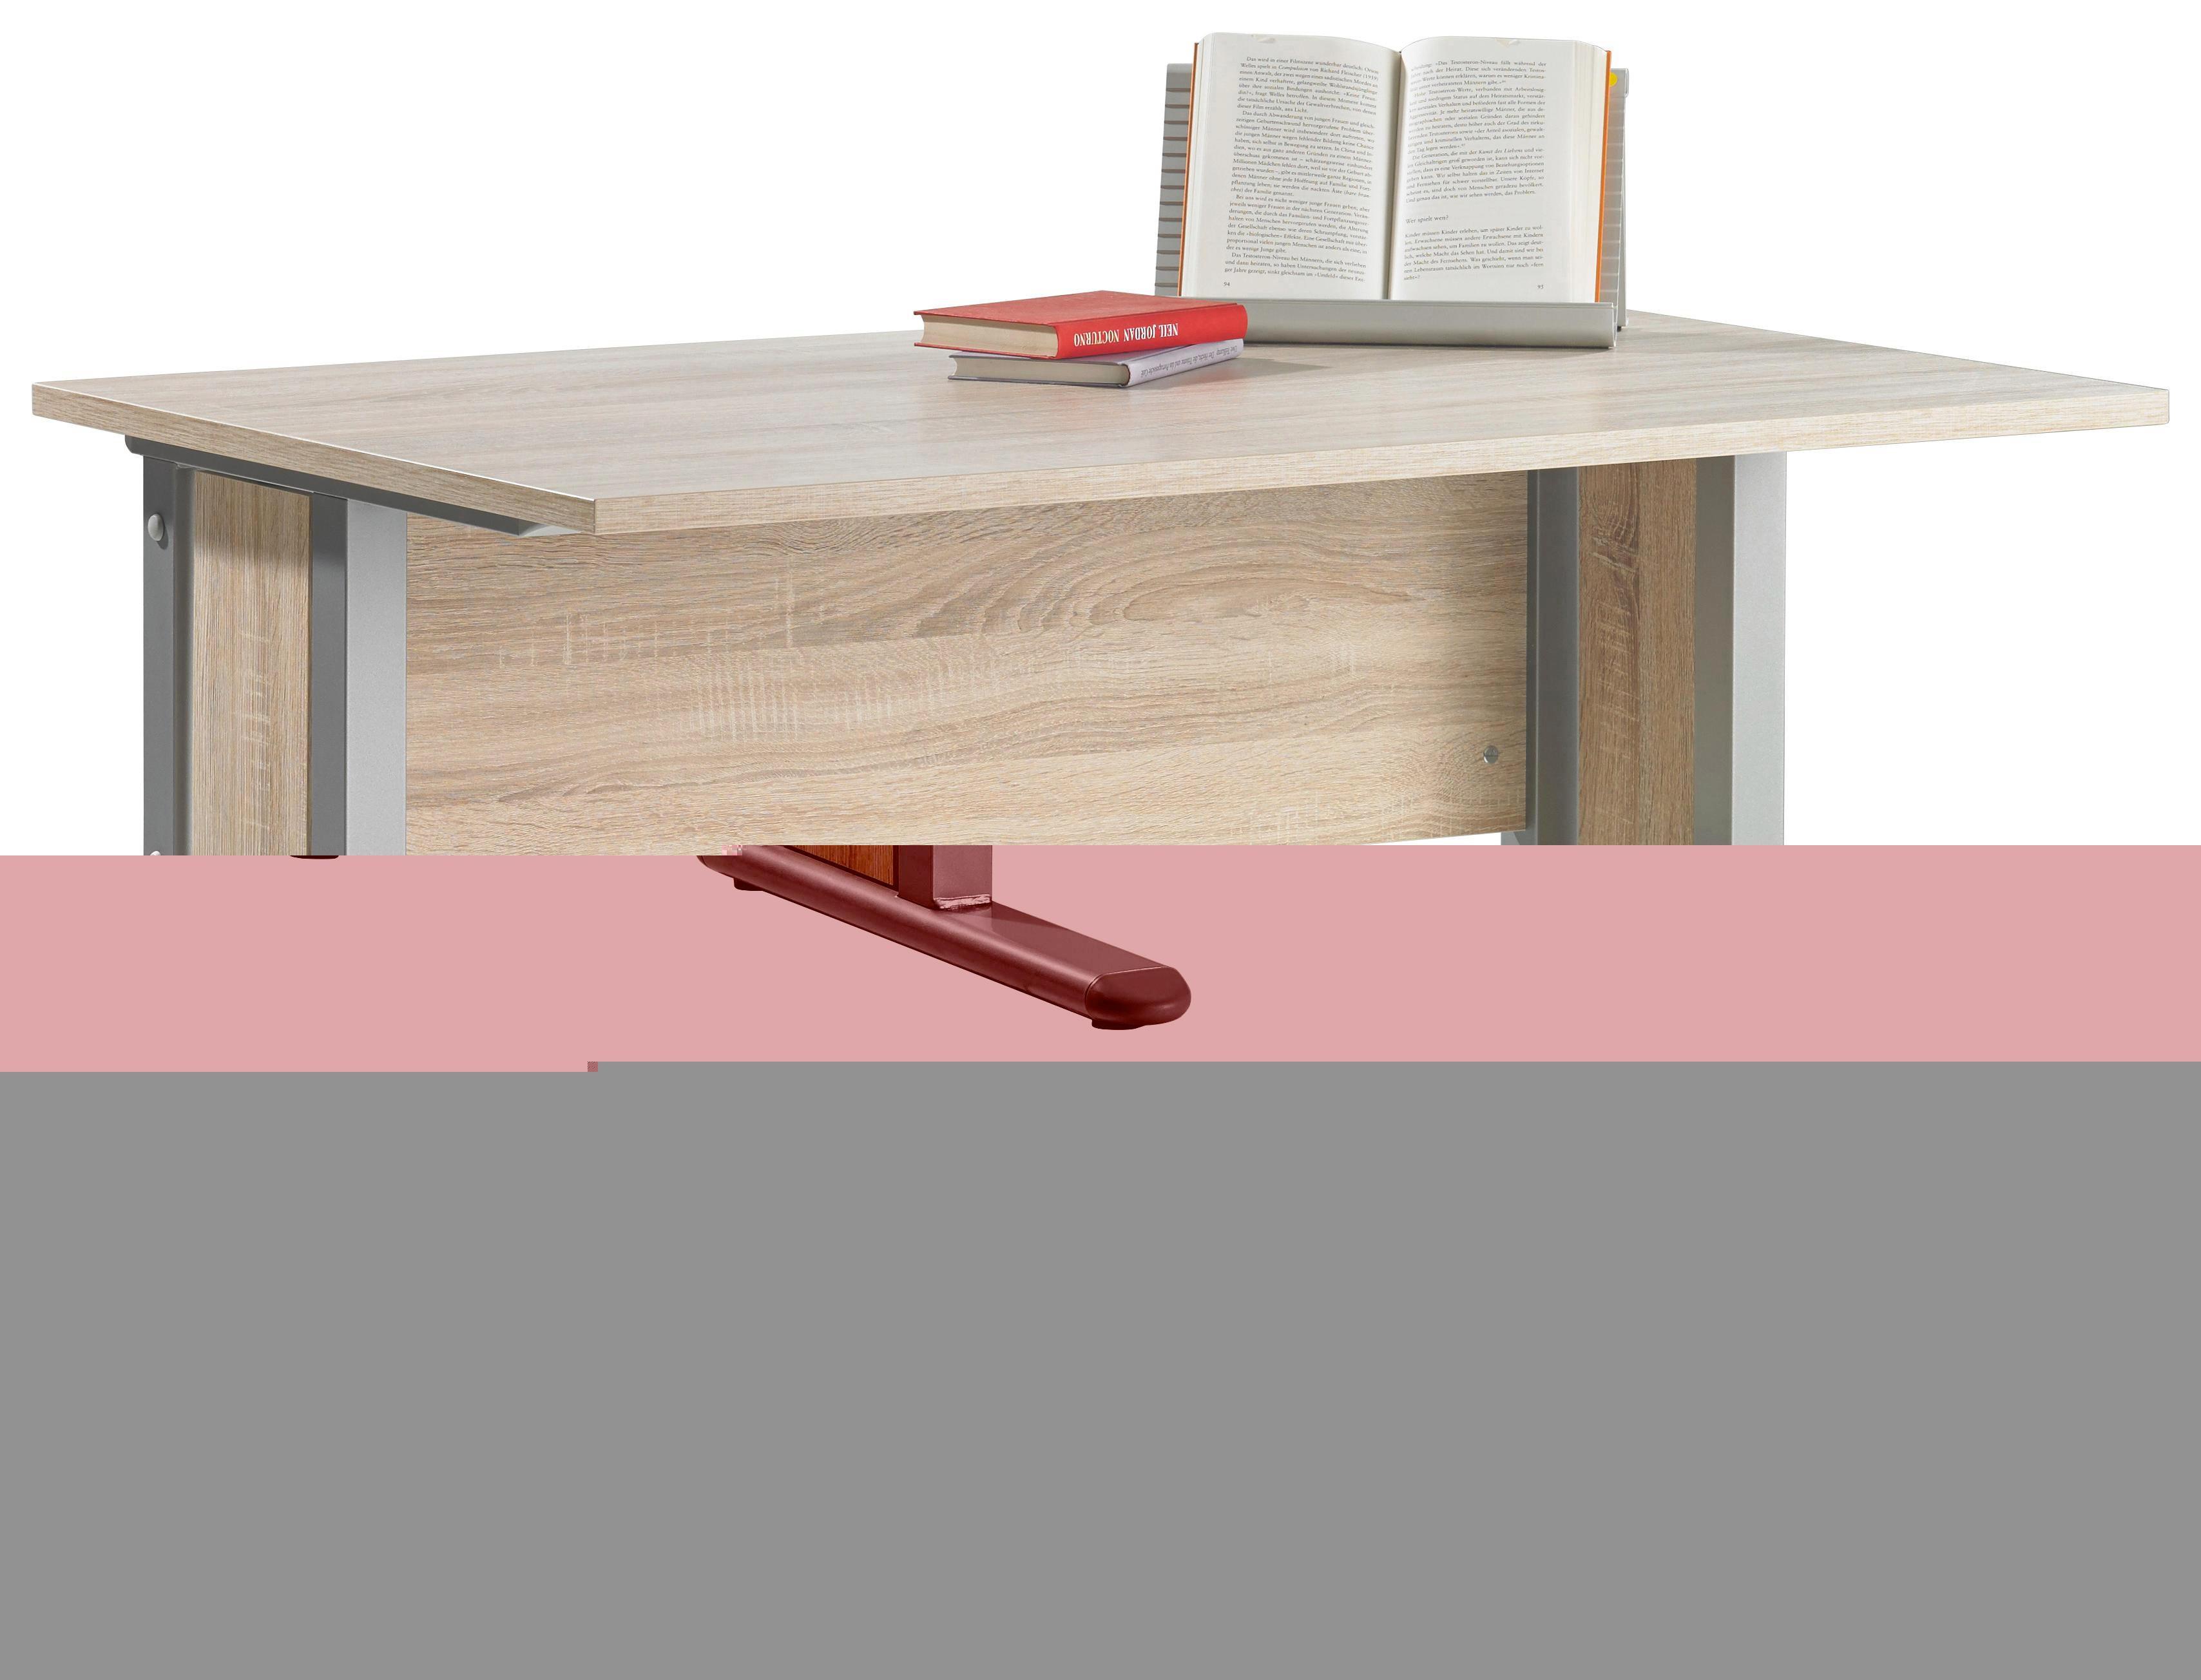 Wunderschön Schreibtisch Schmal Sammlung Von Home Decor Ideeen Thehultonbridge